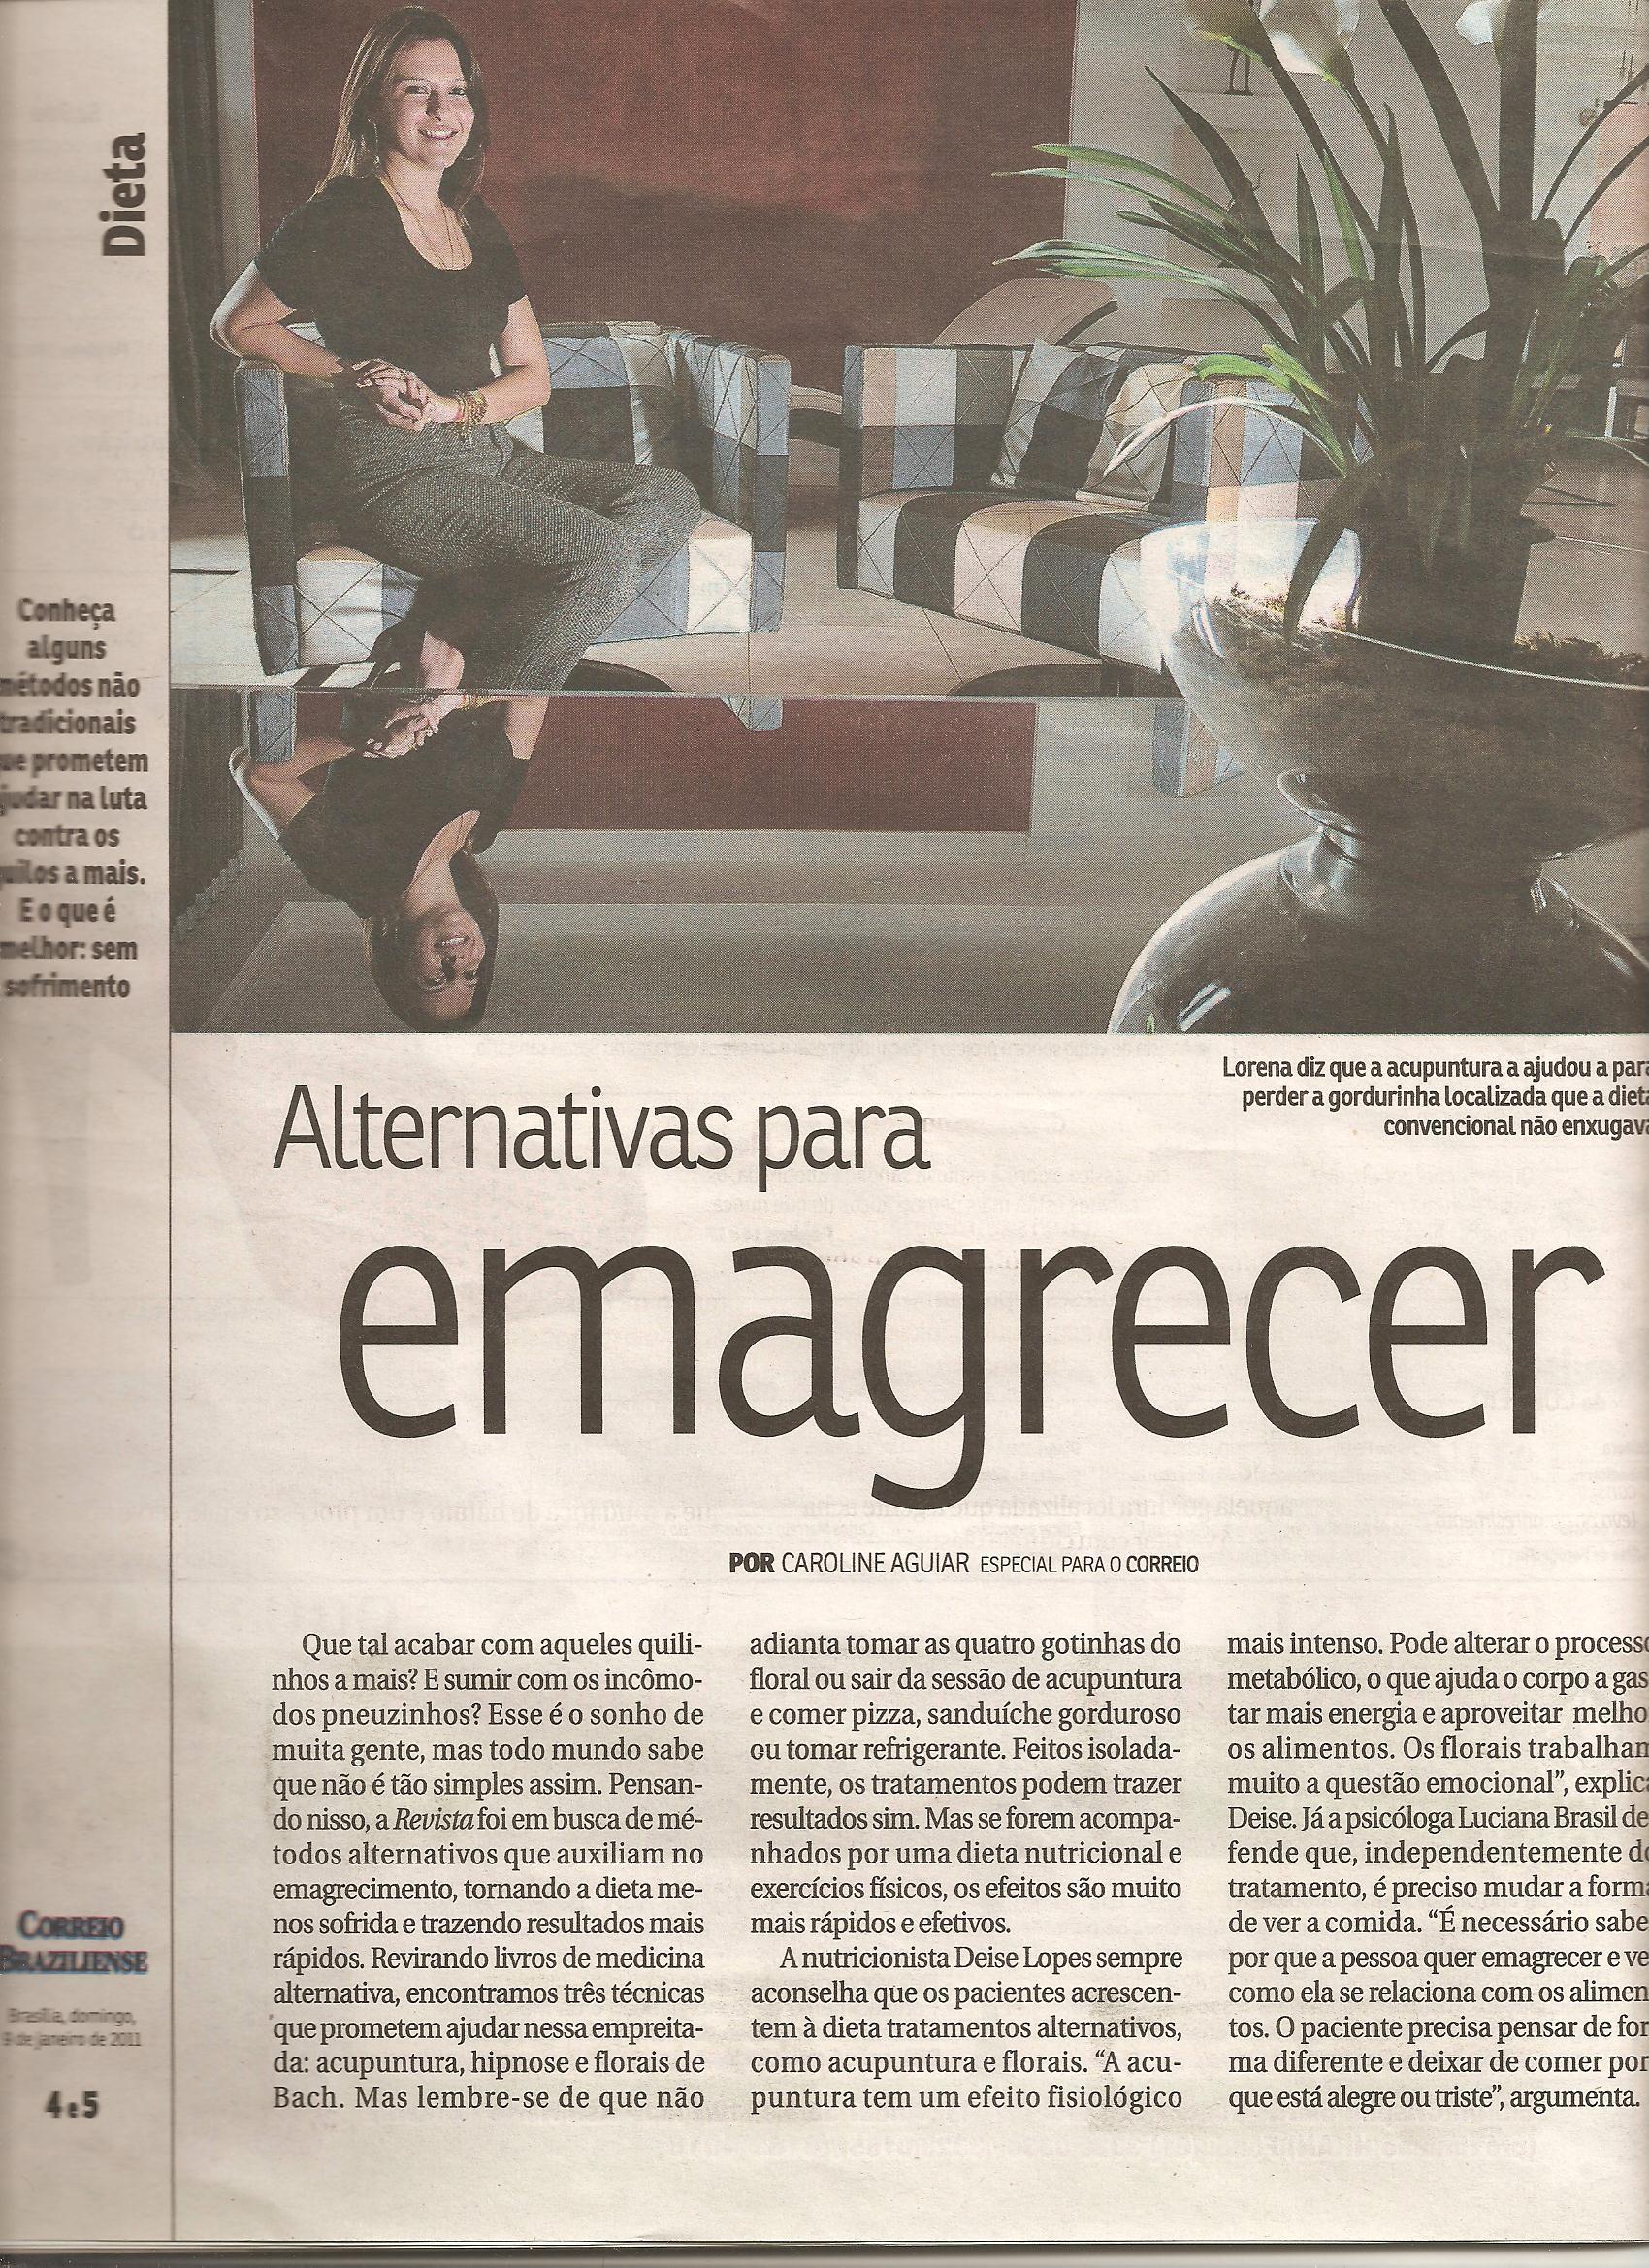 Hipnoticus - Henrique de Azevêdo no Correio Braziliense 001 - 31/12/2010 - Hipnose no Emagrecimento